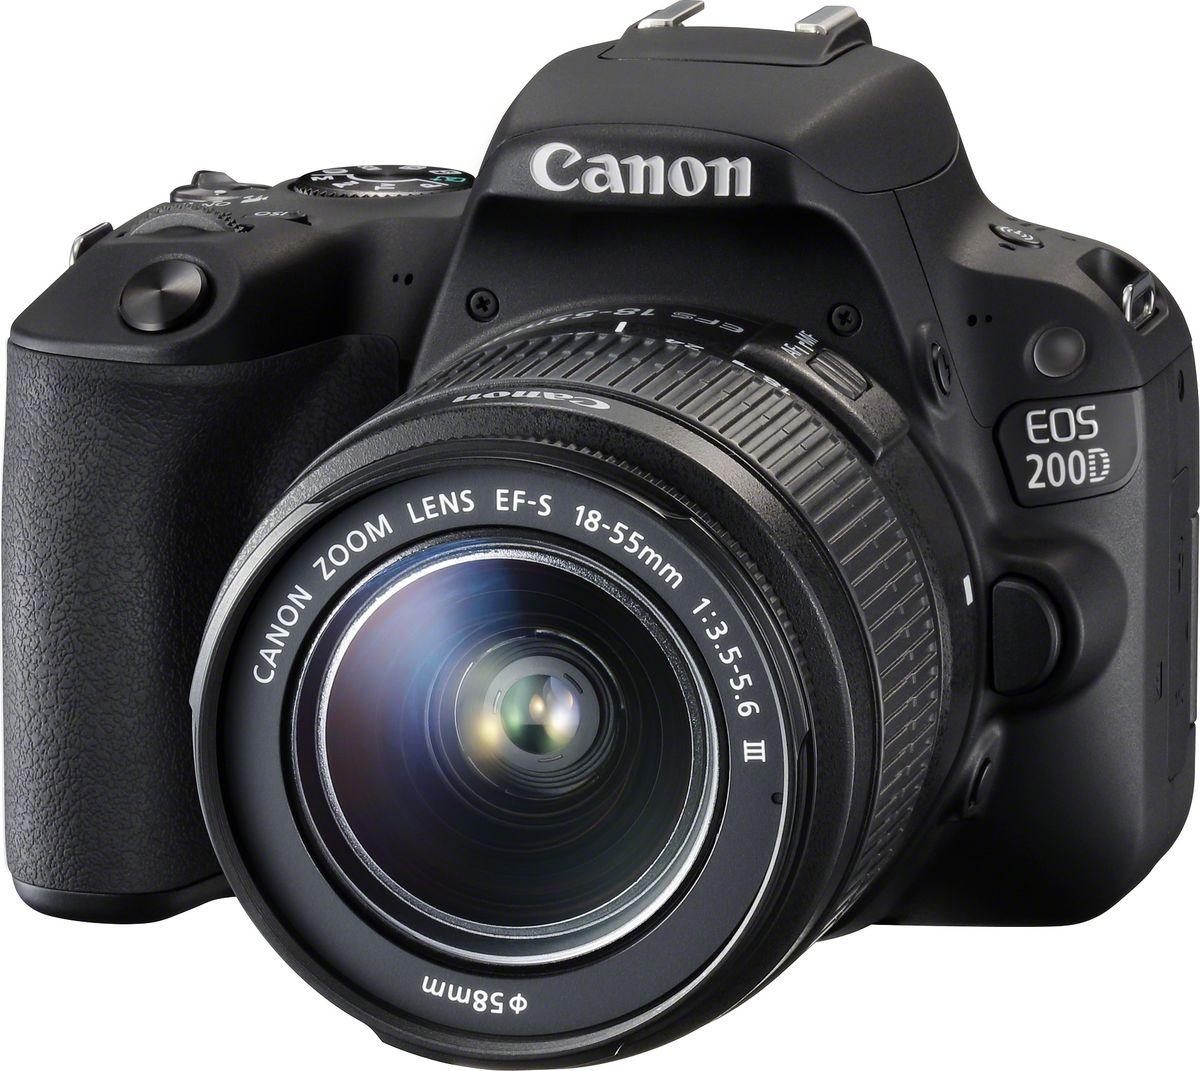 Canon EOS 200D Kit 18-55 DC III, Black цифровая зеркальная фотокамера2250C011Canon EOS 200D - камера, сопровождающая каждый ваш шаг.Благодаря интуитивно понятному управлению и сенсорному экрану камера EOS 200D удобна в использовании с самого первого кадра. Выполняйте съемку с помощью яркого оптического видоискателя, чтобы увидеть мир без искажений, или с помощью экрана с регулируемым углом наклона, который можно повернуть для съемки с нужного ракурса.Снимайте высококачественные детализированные фотографии с точной цветопередачей и разрешением 24,2 МП, которые будут выглядеть превосходно даже без редактирования — идеально для создания отпечатков большого формата, фото-книг и онлайн-галерей, а также для создания ваших фото-историй. Камера оснащена процессором DIGIC 7, который позволяет делать снимки даже в условиях слабого освещения, а также системой Dual Pixel CMOS AF для самой быстрой в мире фокусировки в режиме Live View.Большой датчик изображения APS-C в камере EOS 200D позволяет легко снимать фотографии с малой глубиной резкости — идеальный вариант для портретов. Удерживайте лица в фокусе на красиво размытом заднем плане. Этот подход используют профессиональные фотографы по всему миру.Какой бы способ работы с камерой вы ни выбрали, EOS 200D всегда обеспечит высокую скорость фокусировки и высокую производительность. Выполняйте съемку с помощью работающего без задержек оптического видоискателя, который показывает мир без искажений, или компонуйте кадр с помощью сенсорного дисплея с регулируемым углом наклона и наслаждайтесь самой быстрой в мире автофокусировкой в режиме Live View.Пользовательский интерфейс EOS 200D с подсказками поможет выбрать правильные настройки для создания желаемого эффекта. Как будто рядом с вами находится личный наставник по фотосъемке.Просматривайте, редактируйте и делитесь фотографиями, сделанными EOS 200D, с помощью смартфона или планшета — это легко. Постоянное энергоэффективное Bluetooth соединение позволяет получить доступ к камере, не